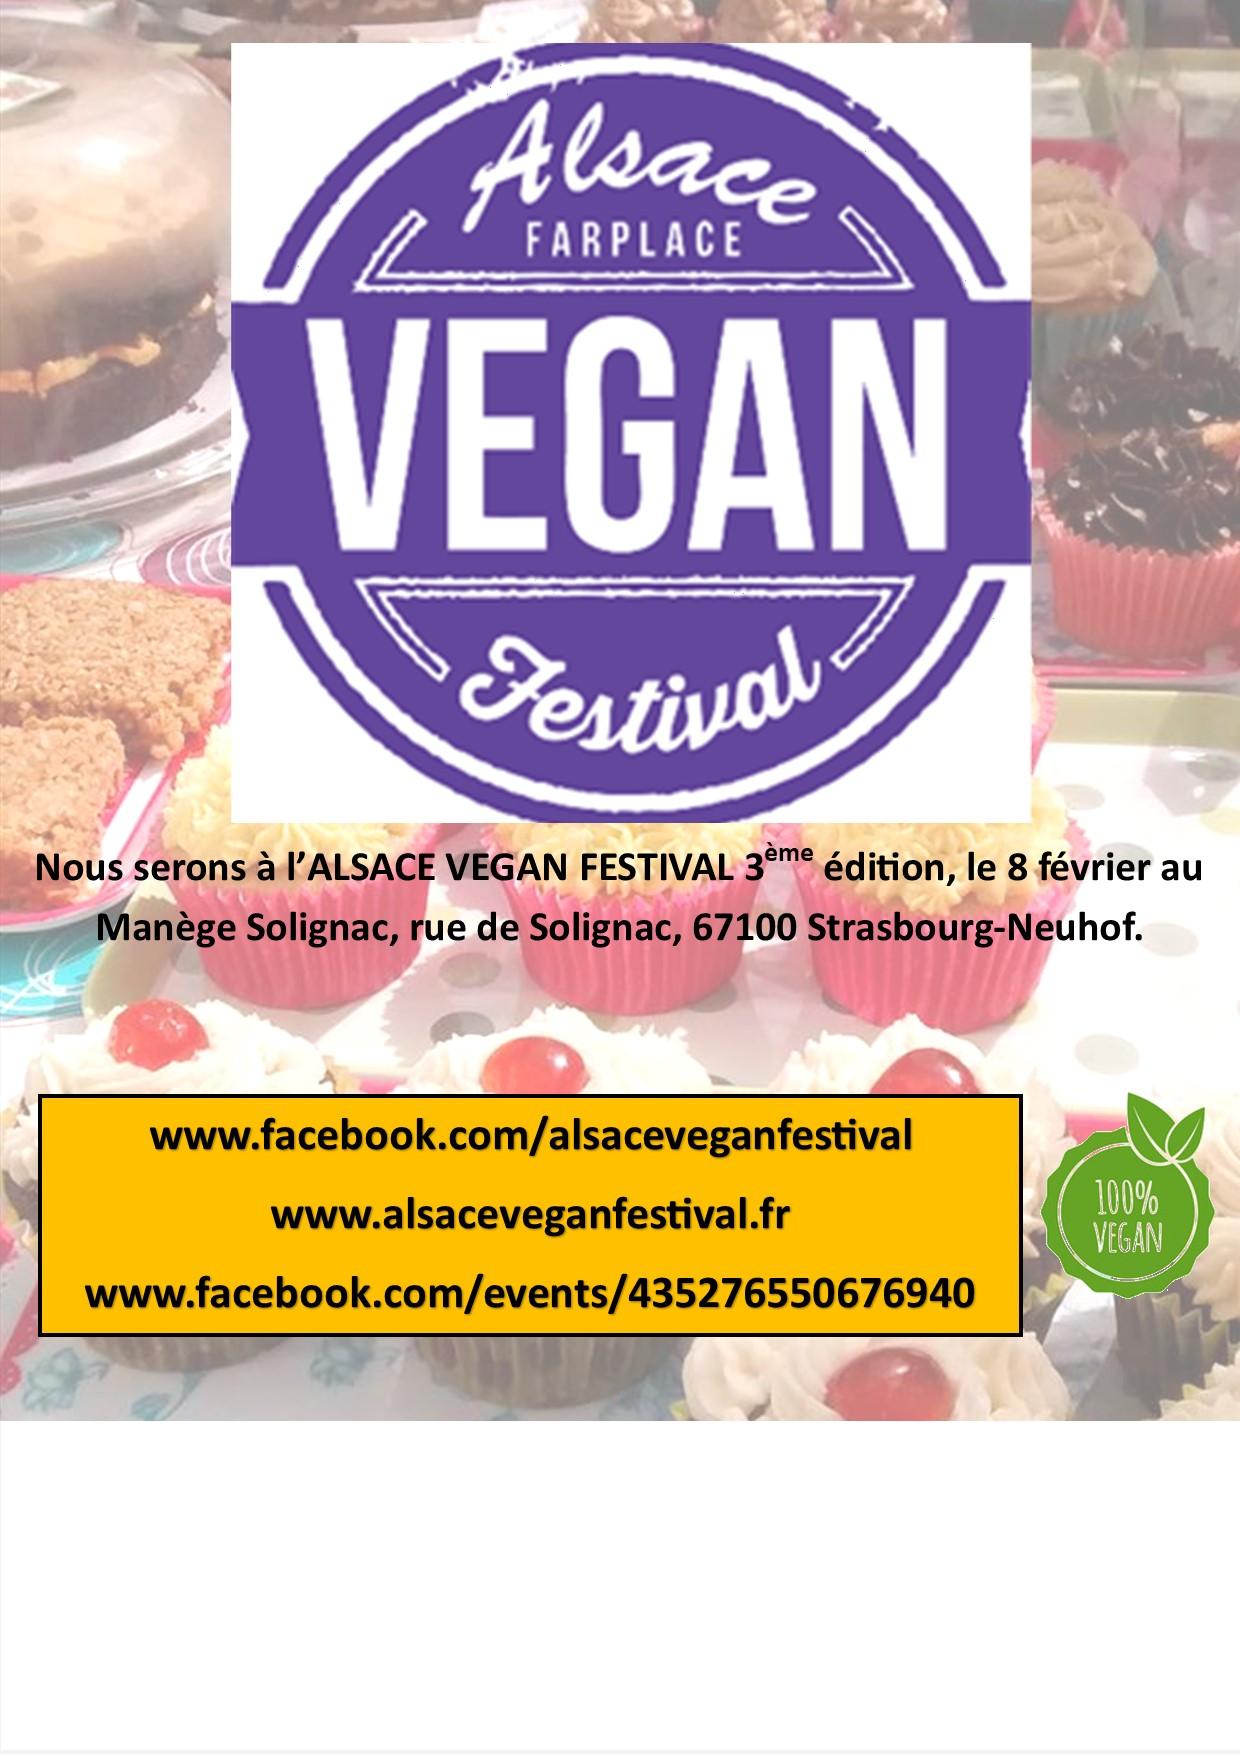 Retrouver DOUCHO au Alsace Vegan Festival le samedi 8 février 2020 de 11h30 à 17h30